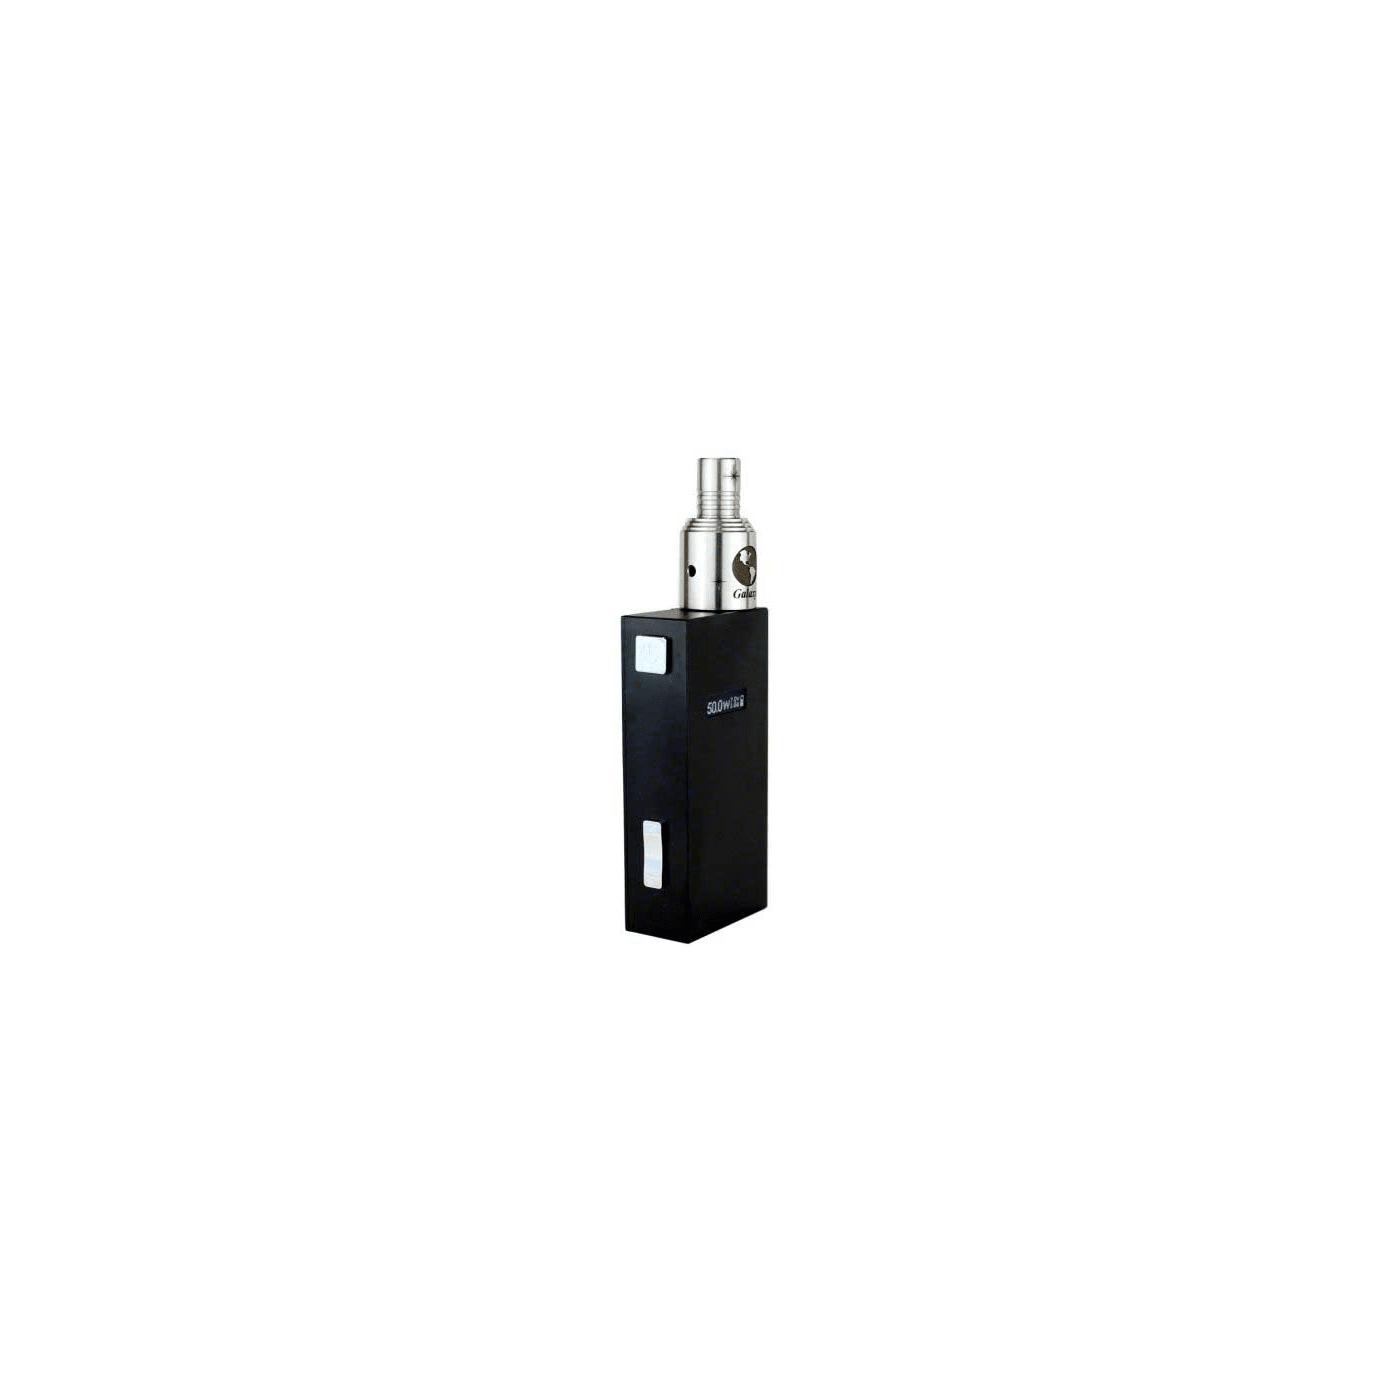 Sigelei 50W Mod - Black - With RDA